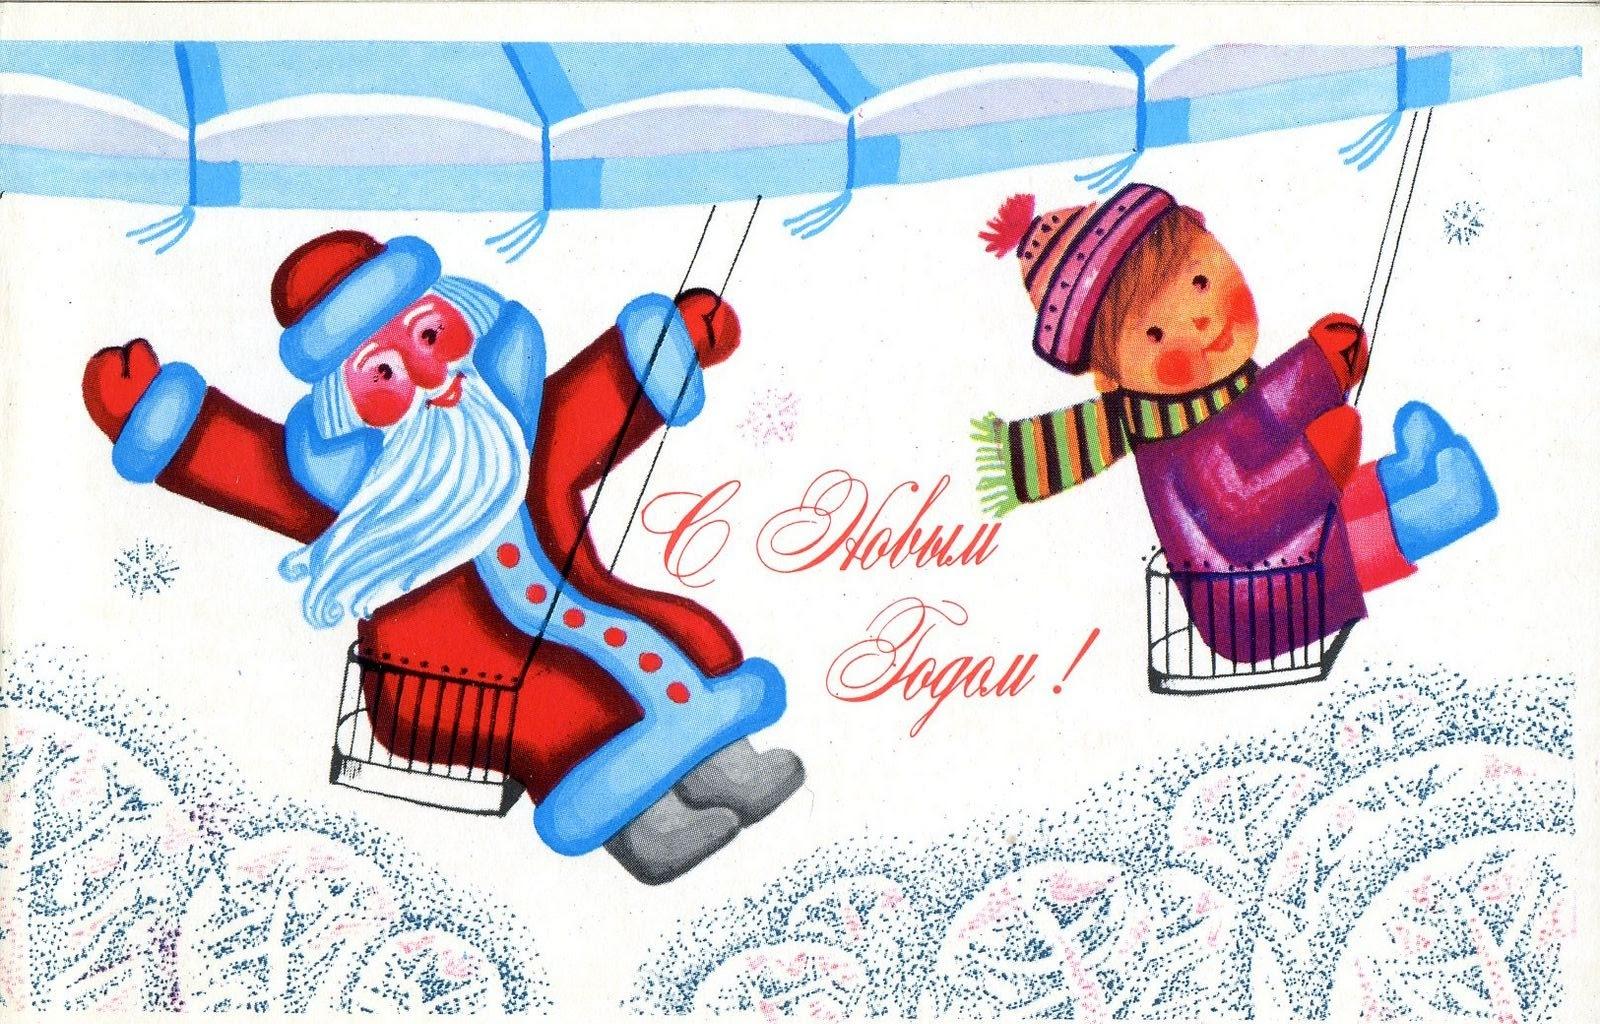 Цена новый год открытки, масленица смешные открытка